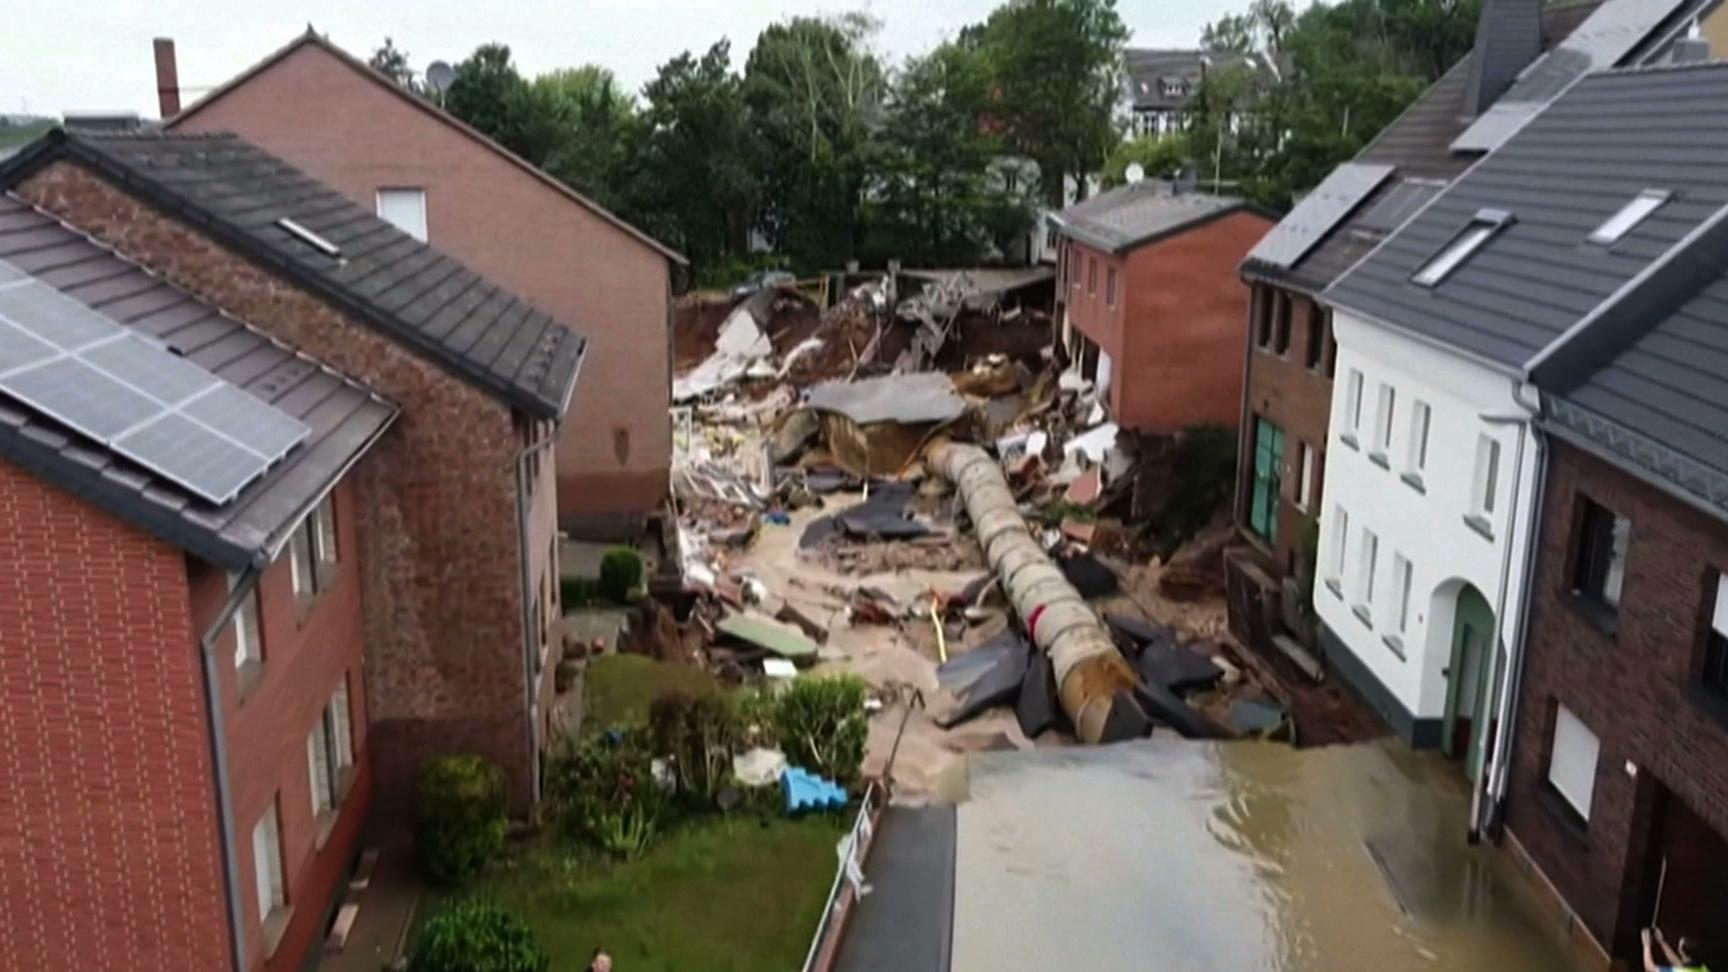 Wzrósł bilans ofiar śmiertelnych po powodziach w Niemczech